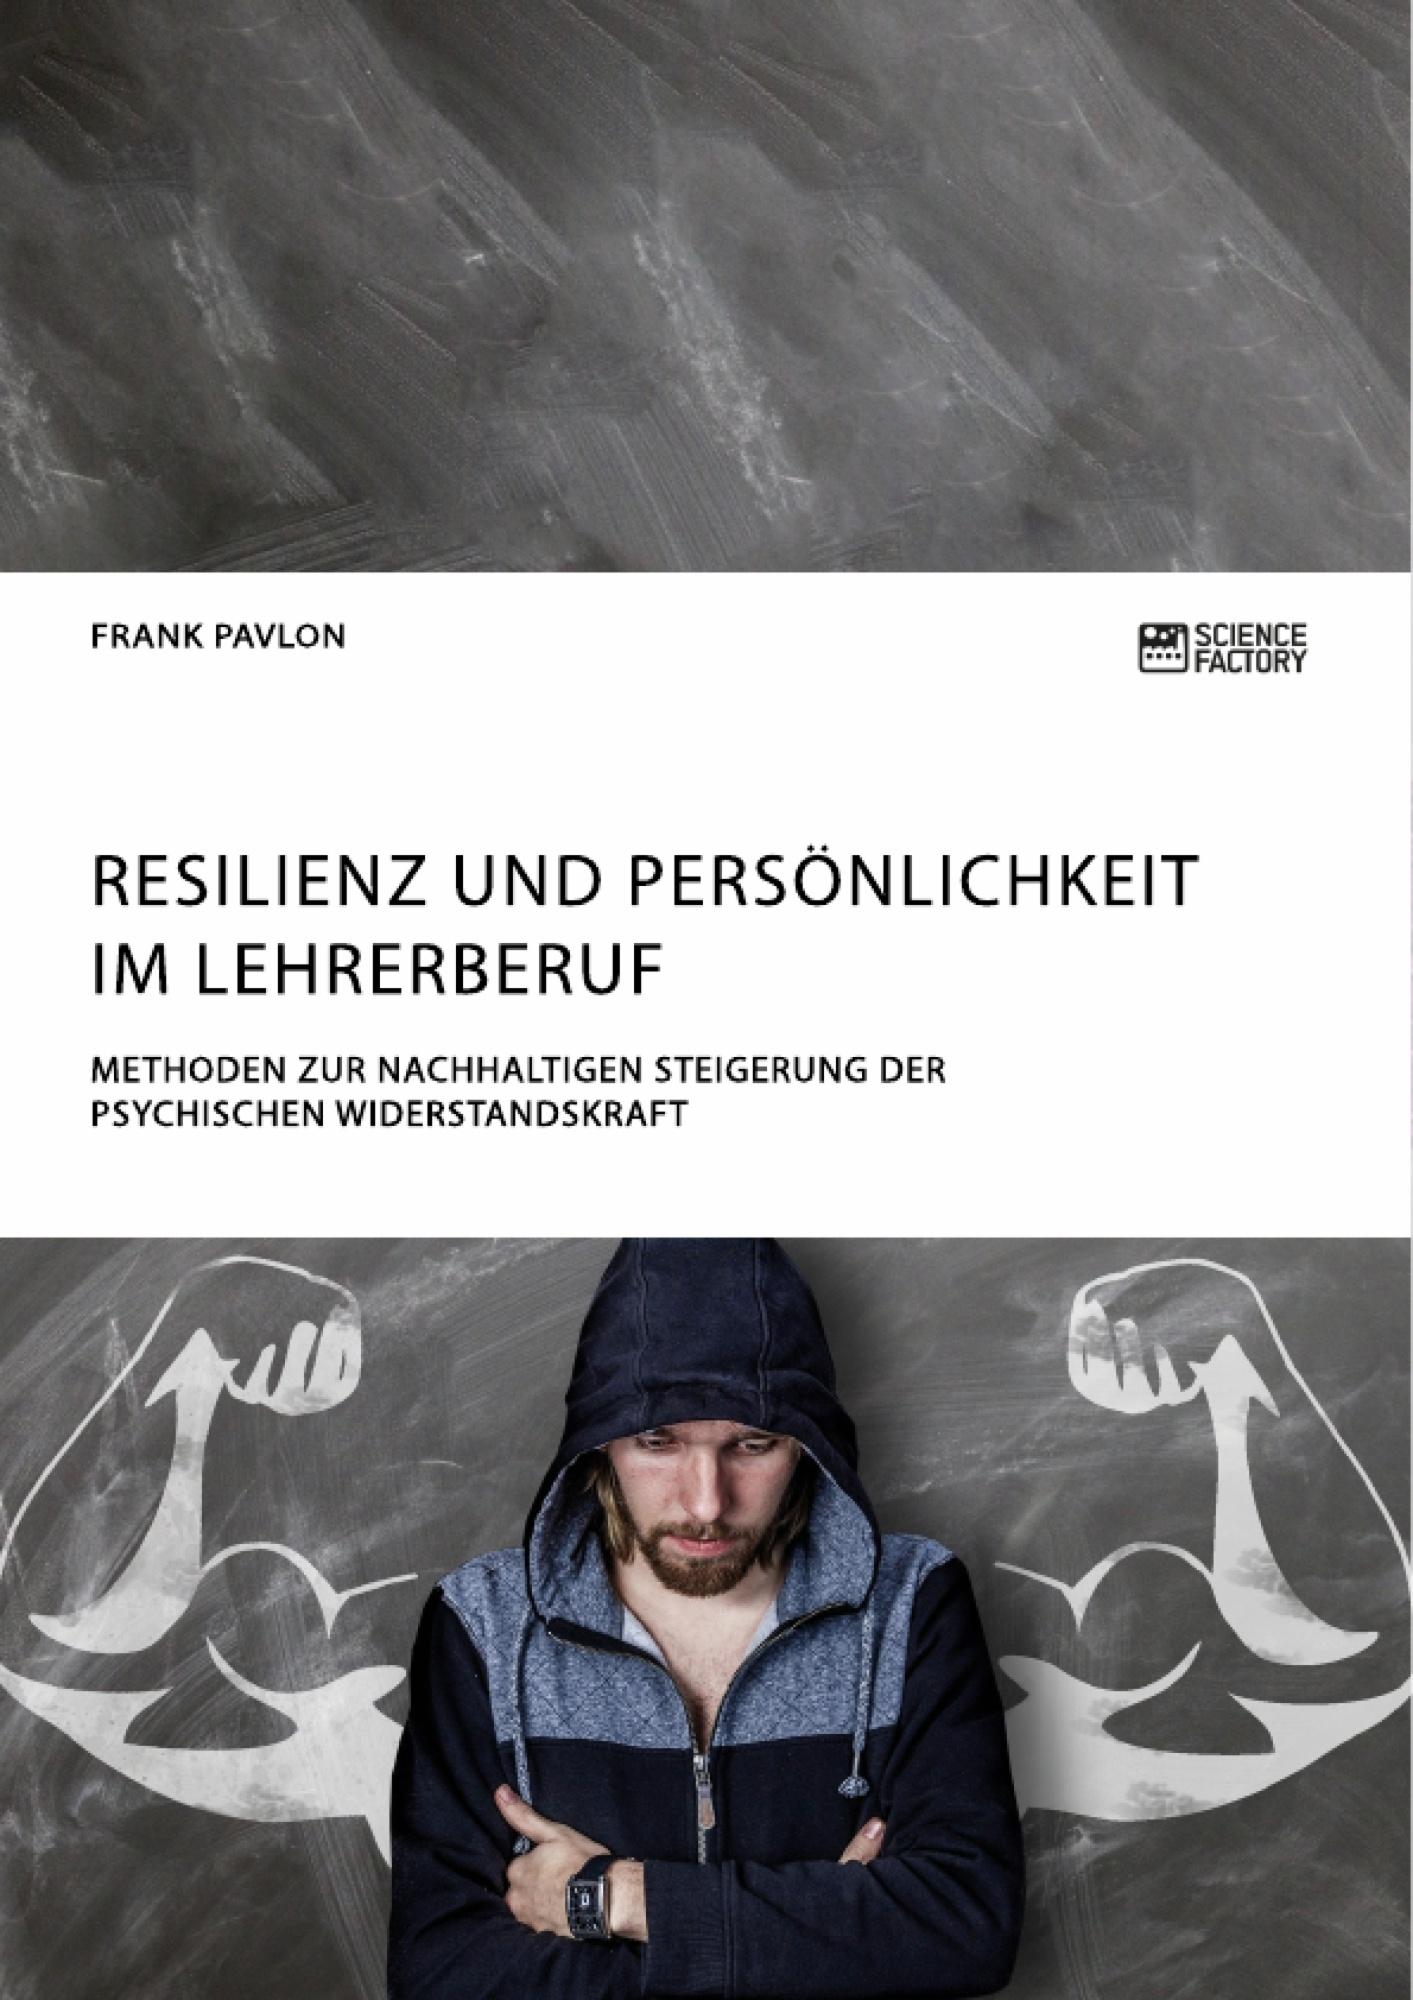 Titel: Resilienz und Persönlichkeit im Lehrerberuf. Methoden zur nachhaltigen Steigerung der psychischen Widerstandskraft